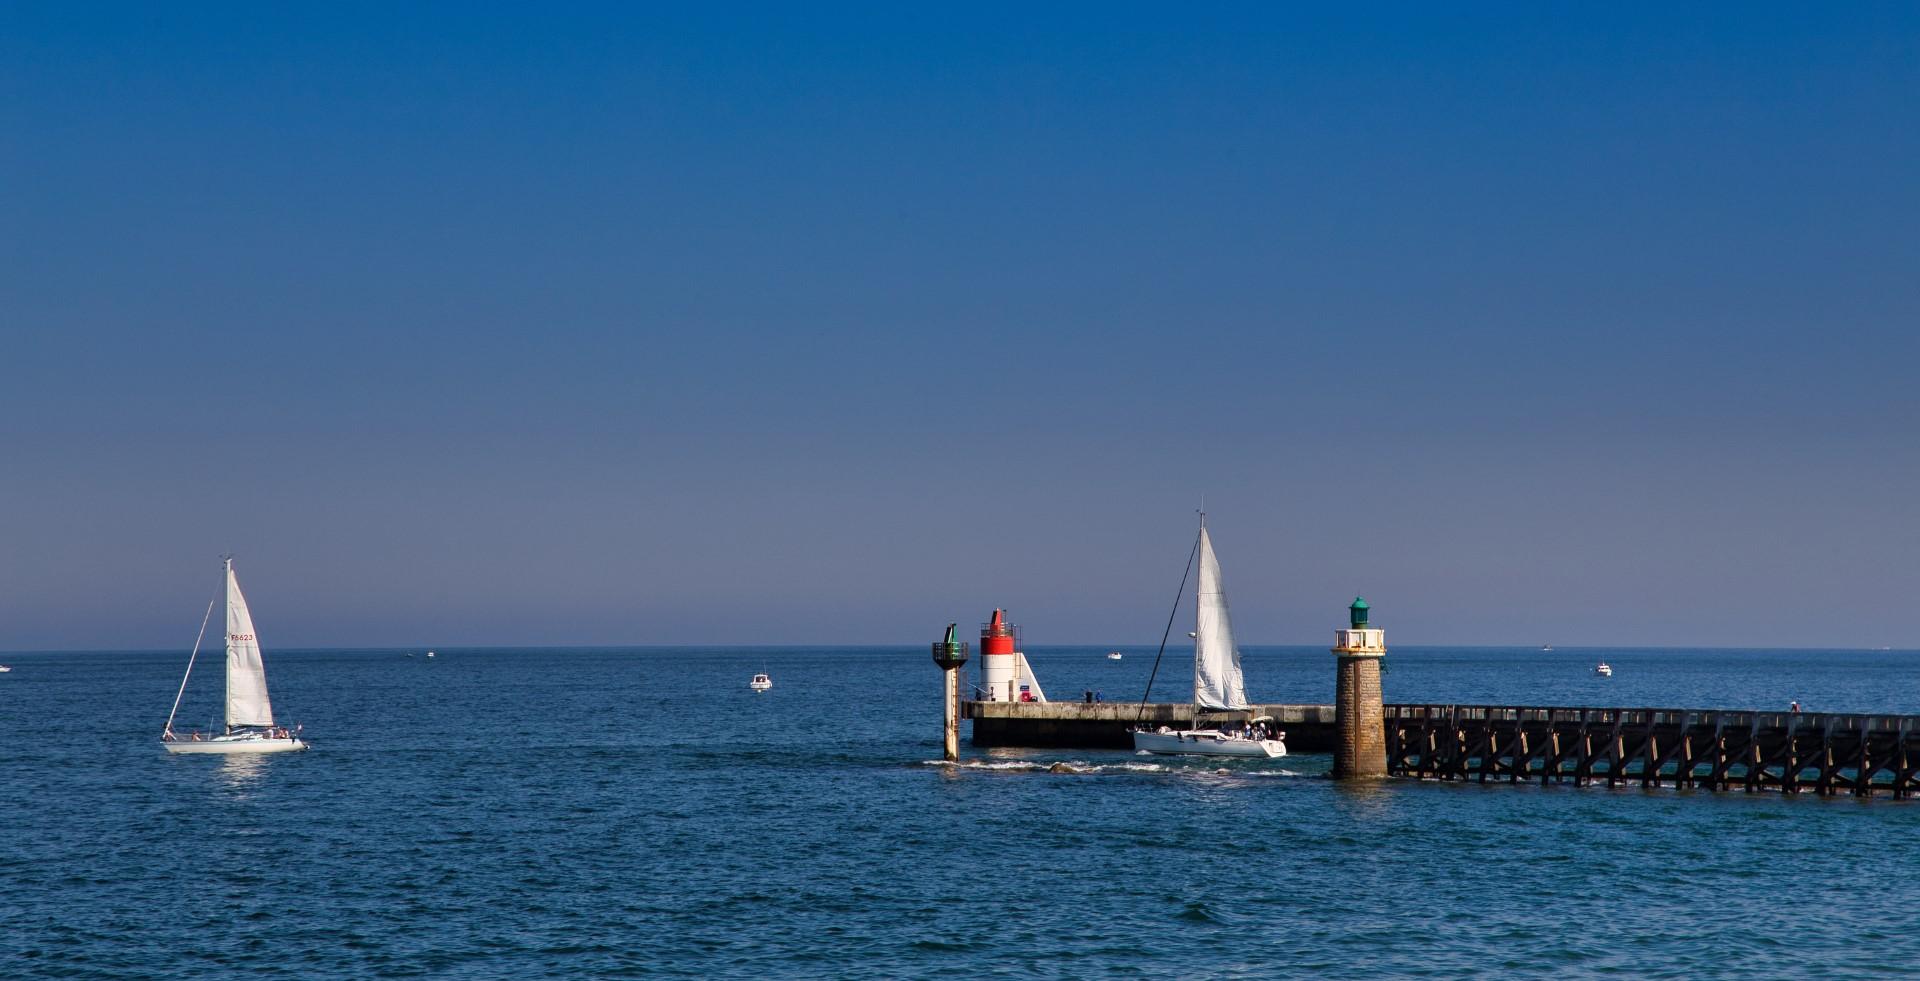 voiliers sortant du port